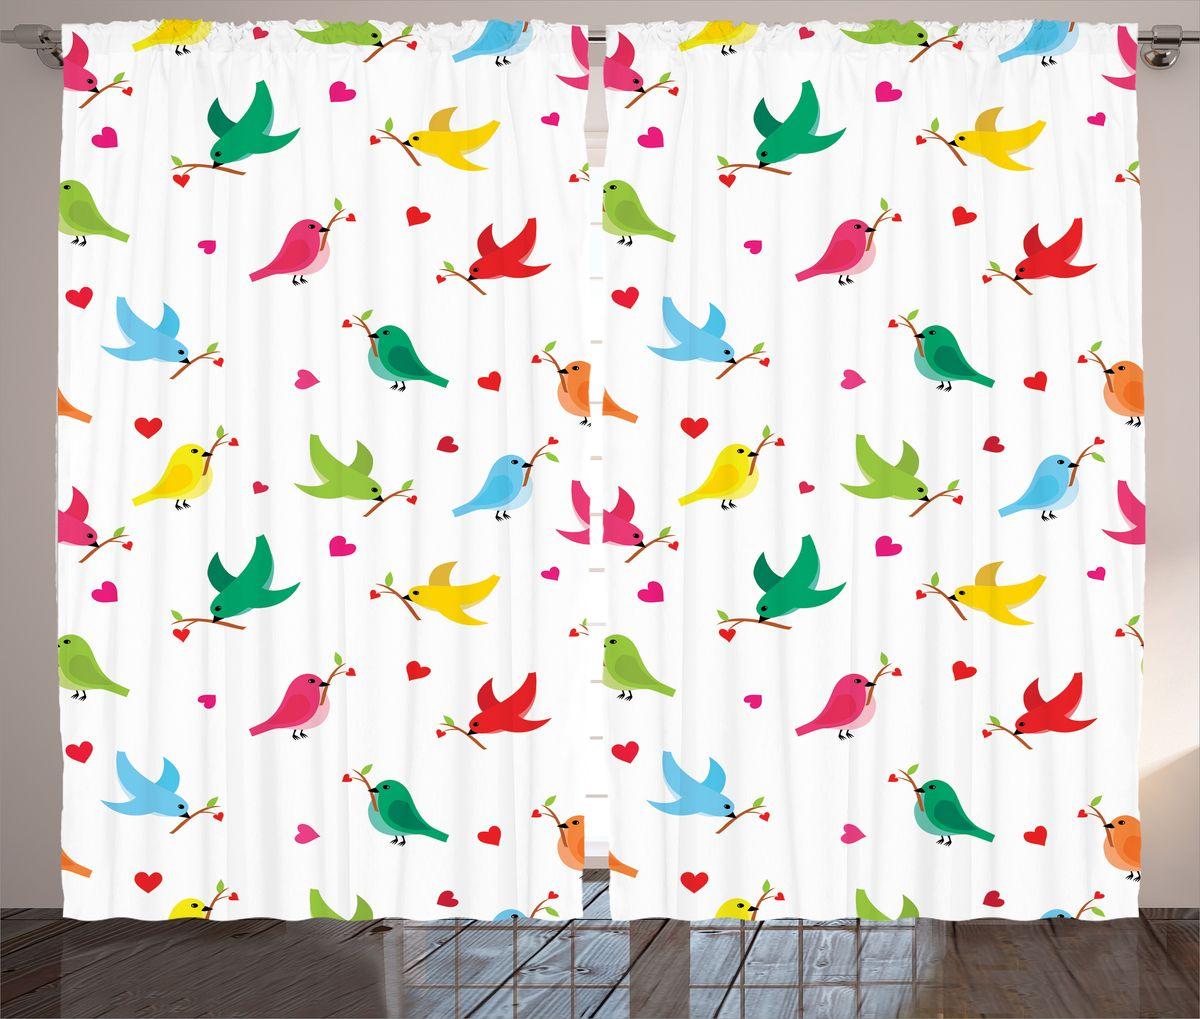 Комплект фотоштор Magic Lady Разноцветные птички, на ленте, высота 265 см. шсг_14285шсг_9187Компания Сэмболь изготавливает шторы из высококачественного сатена (полиэстер 100%). При изготовлении используются специальные гипоаллергенные чернила для прямой печати по ткани, безопасные для человека и животных. Экологичность продукции Magic lady и безопасность для окружающей среды подтверждены сертификатом Oeko-Tex Standard 100. Крепление: крючки для крепления на шторной ленте (50 шт). Возможно крепление на трубу. Внимание! При нанесении сублимационной печати на ткань технологическим методом при температуре 240°С, возможно отклонение полученных размеров (указанных на этикетке и сайте) от стандартных на + - 3-5 см. Производитель старается максимально точно передать цвета изделия на фотографиях, однако искажения неизбежны и фактический цвет изделия может отличаться от воспринимаемого по фото. Обратите внимание! Шторы изготовлены из полиэстра сатенового переплетения, а не из сатина (хлопок). Размер одного полотна шторы: 145х265 см. В комплекте 2 полотна шторы и 50 крючков.